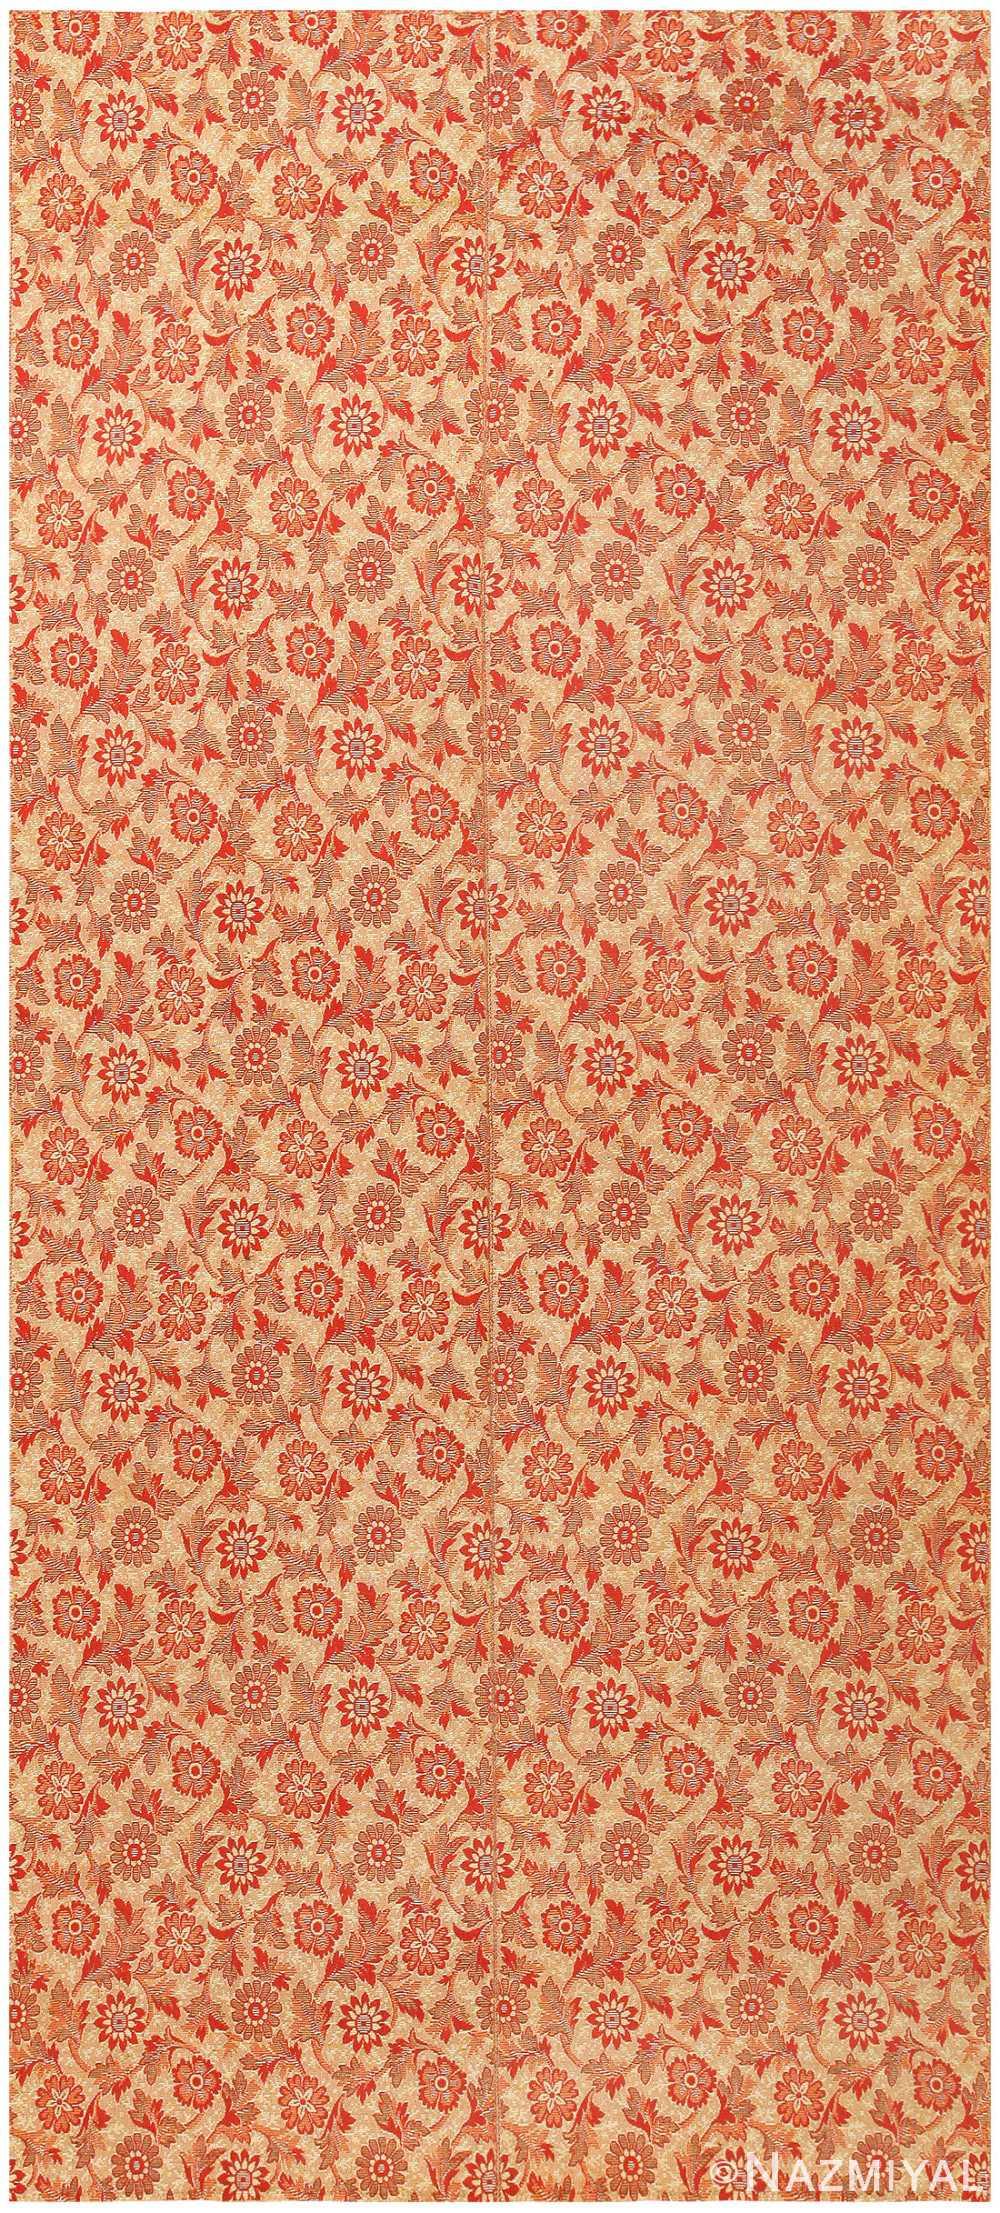 Antique American Ingrain Carpet 50285 Nazmiyal